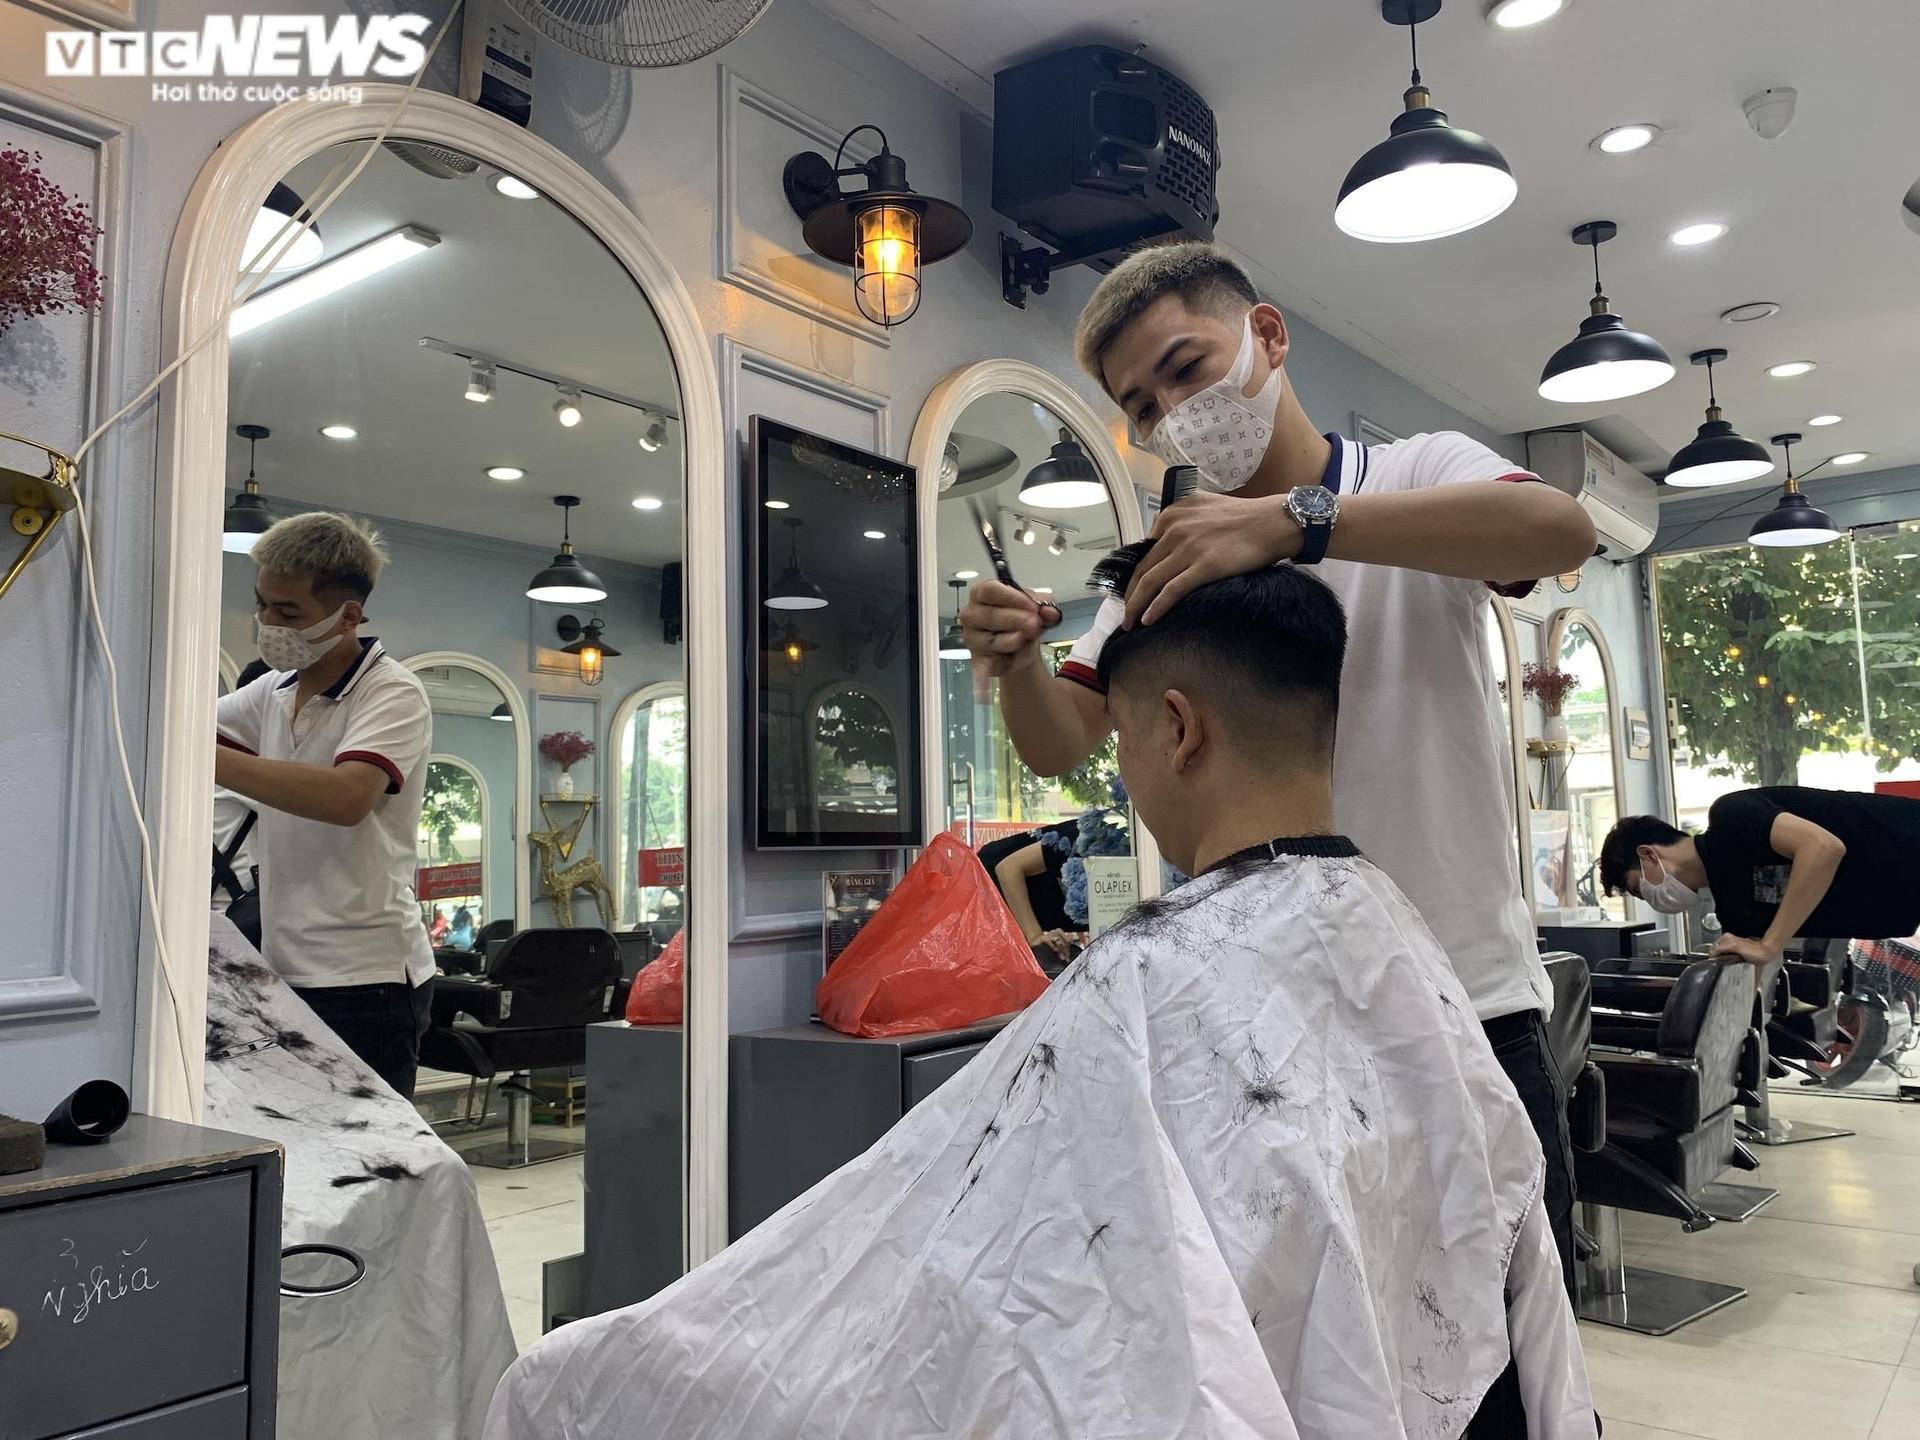 Hà Nội ngày đầu nới lỏng, thợ cắt tóc làm không kịp nghỉ - 2